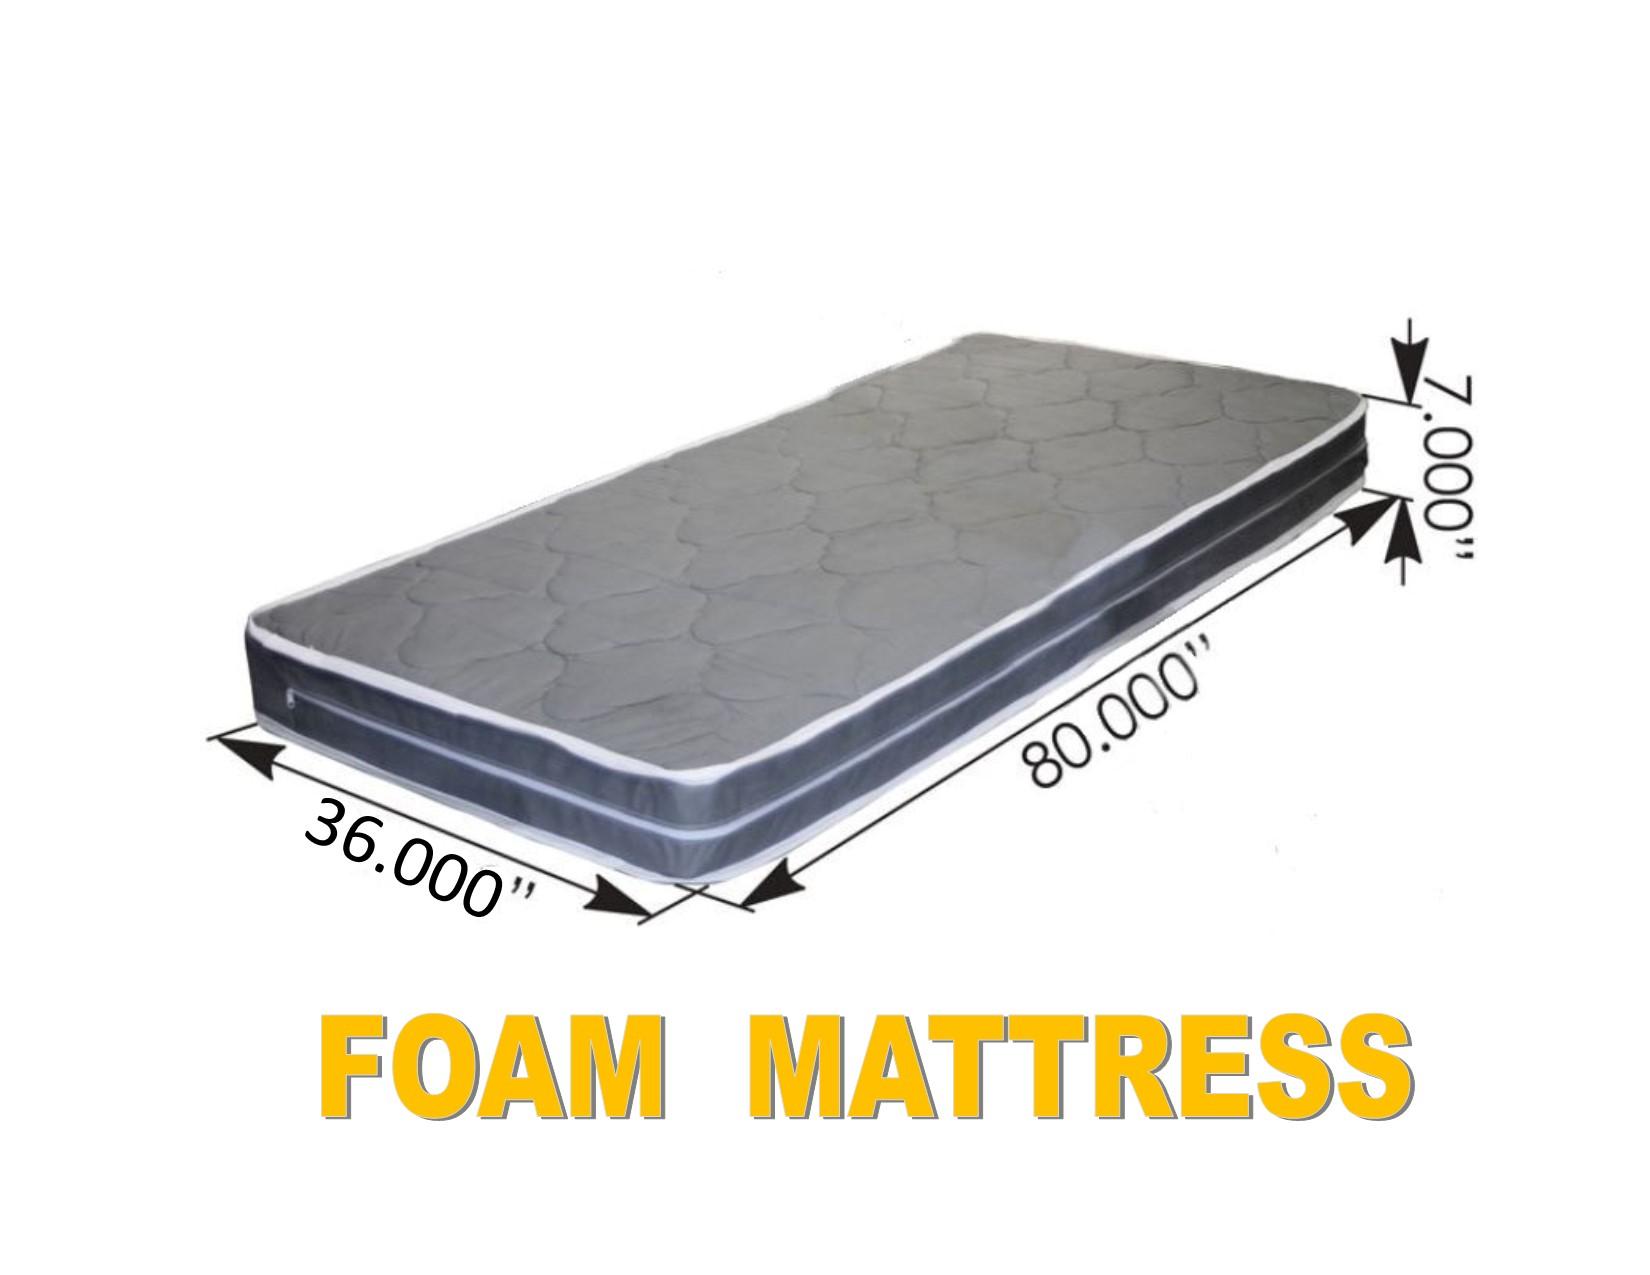 """FOAM MATTRESS (36"""" x 80"""" x 7"""")Semi Truck Sleeper Cab Bed RV"""